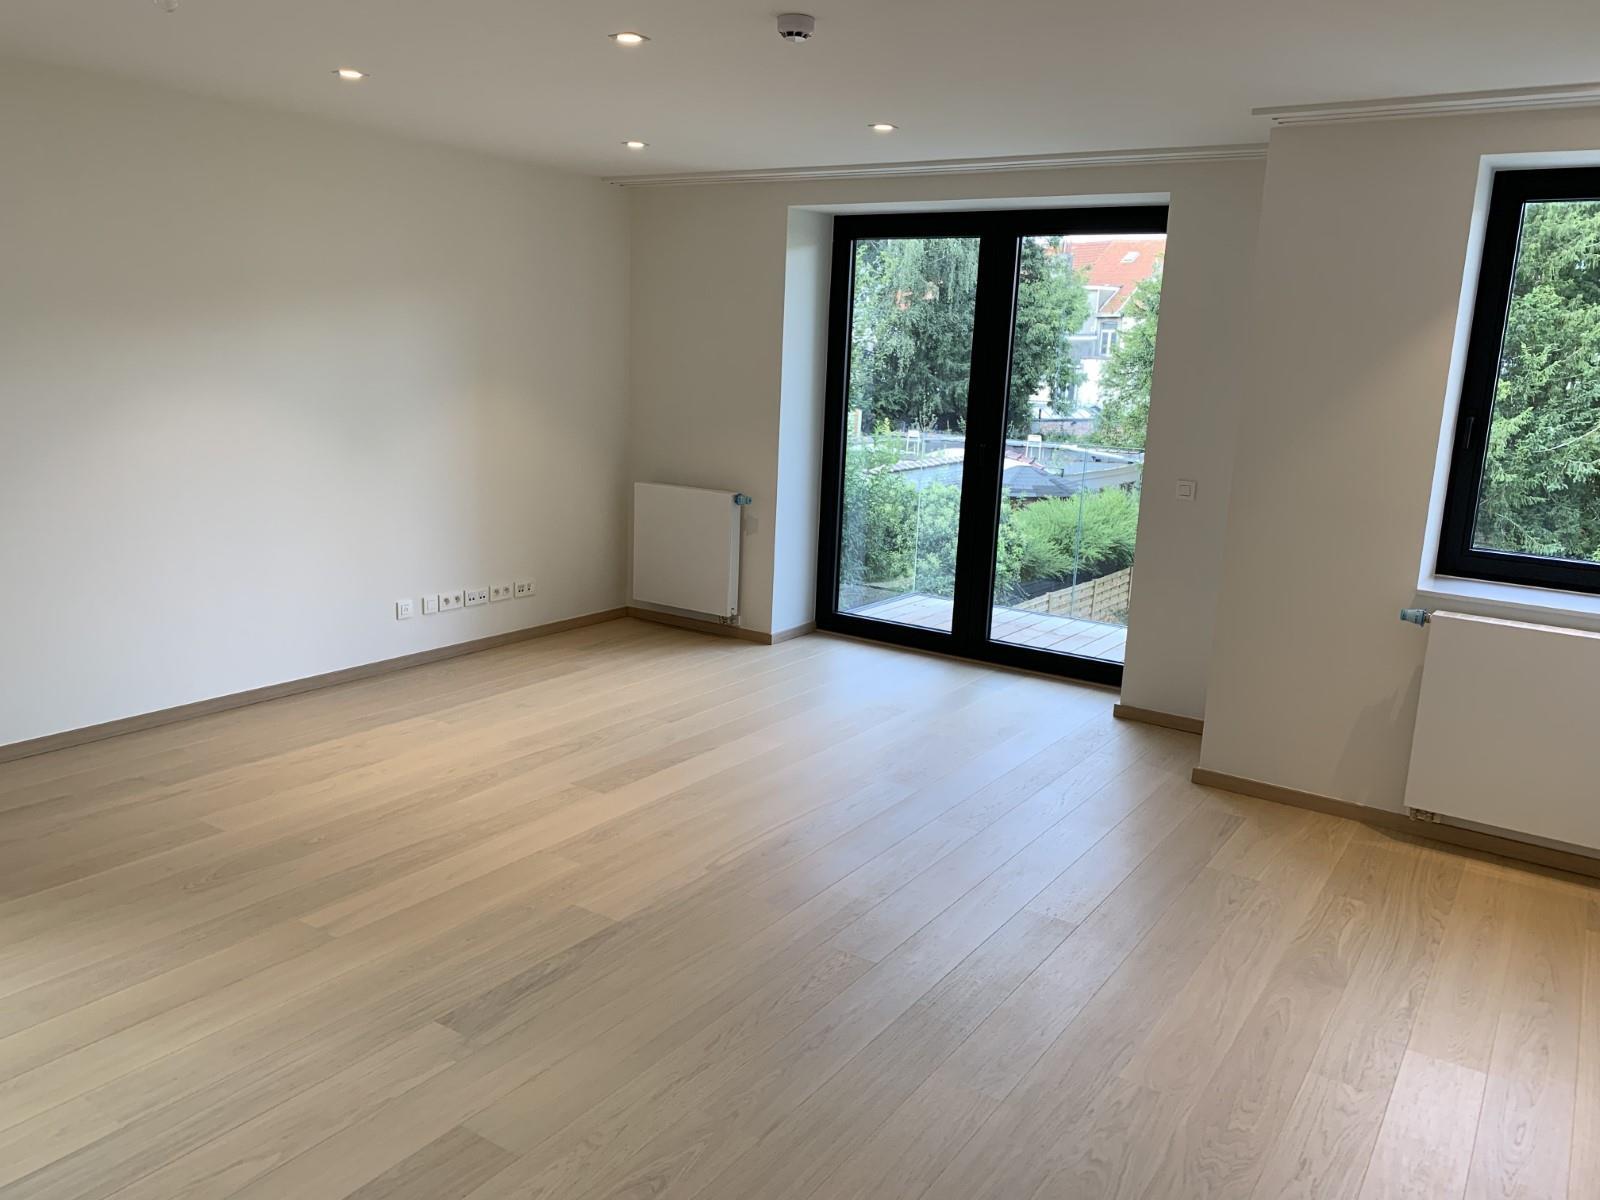 Uitzonderlijk appartement - Ixelles - #3915781-0